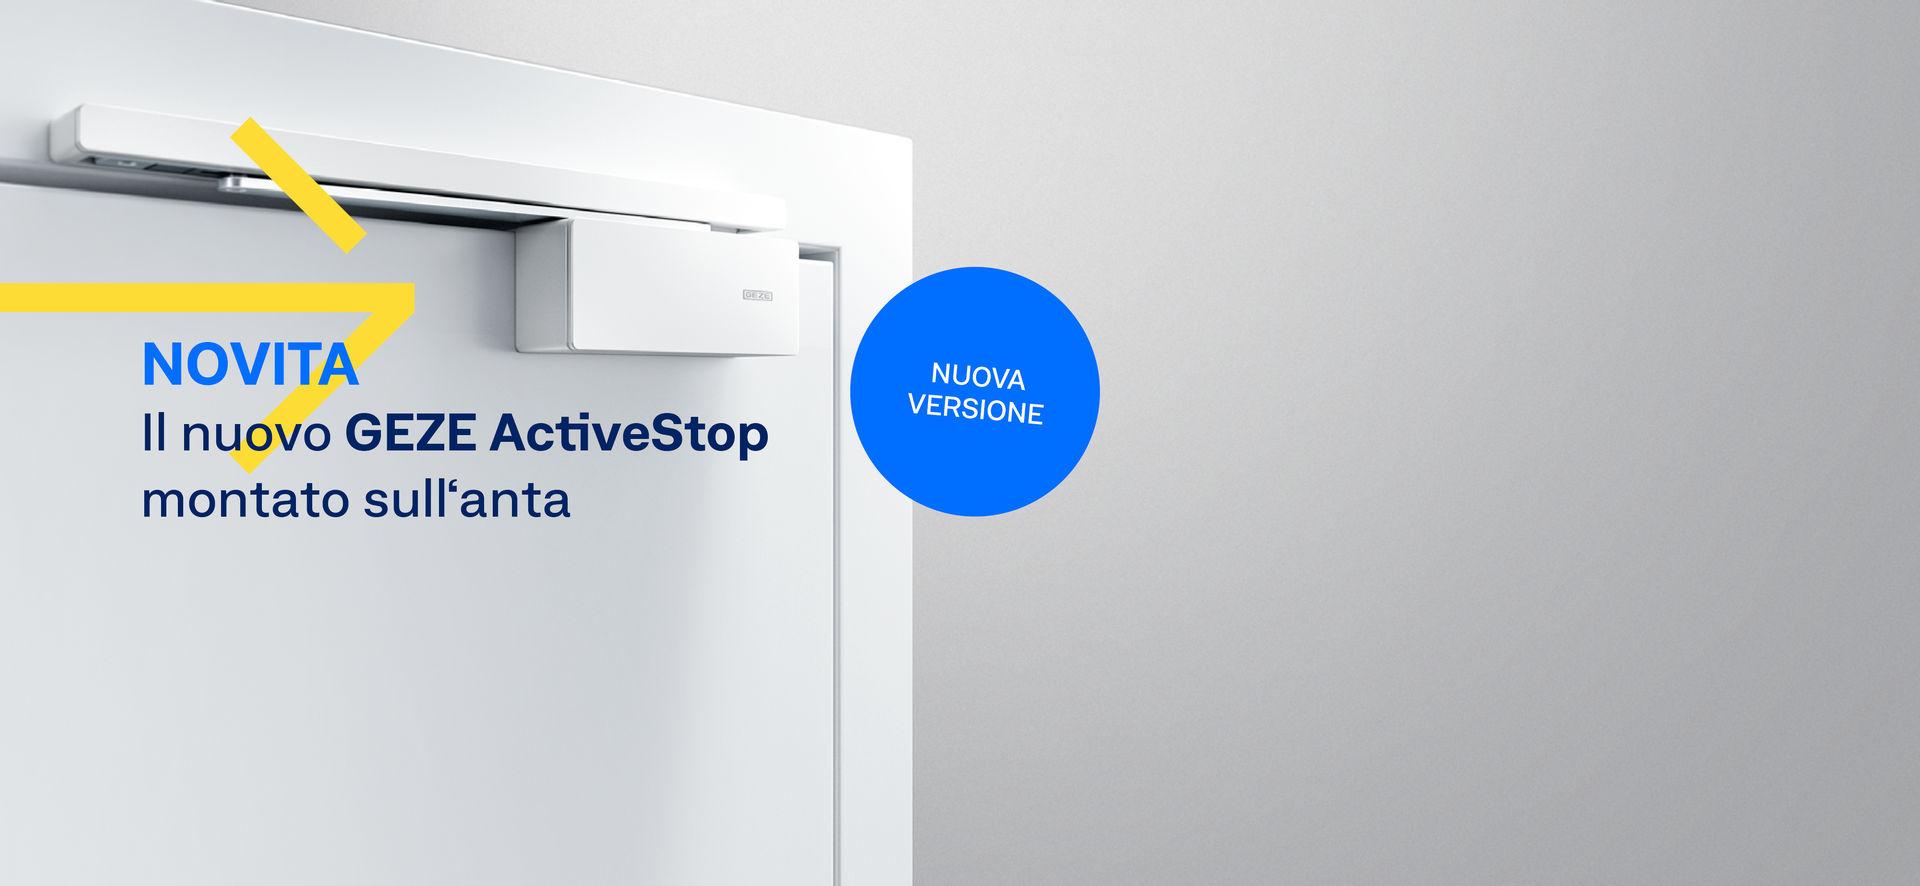 Il nostro GEZE ActiveStop facilita l'apertura di una porta rallentandone delicatamente la chiusura in maniera sileziosa. Oltre all'affermata versione integrata ora offriamo la variante installabile sull'anta.